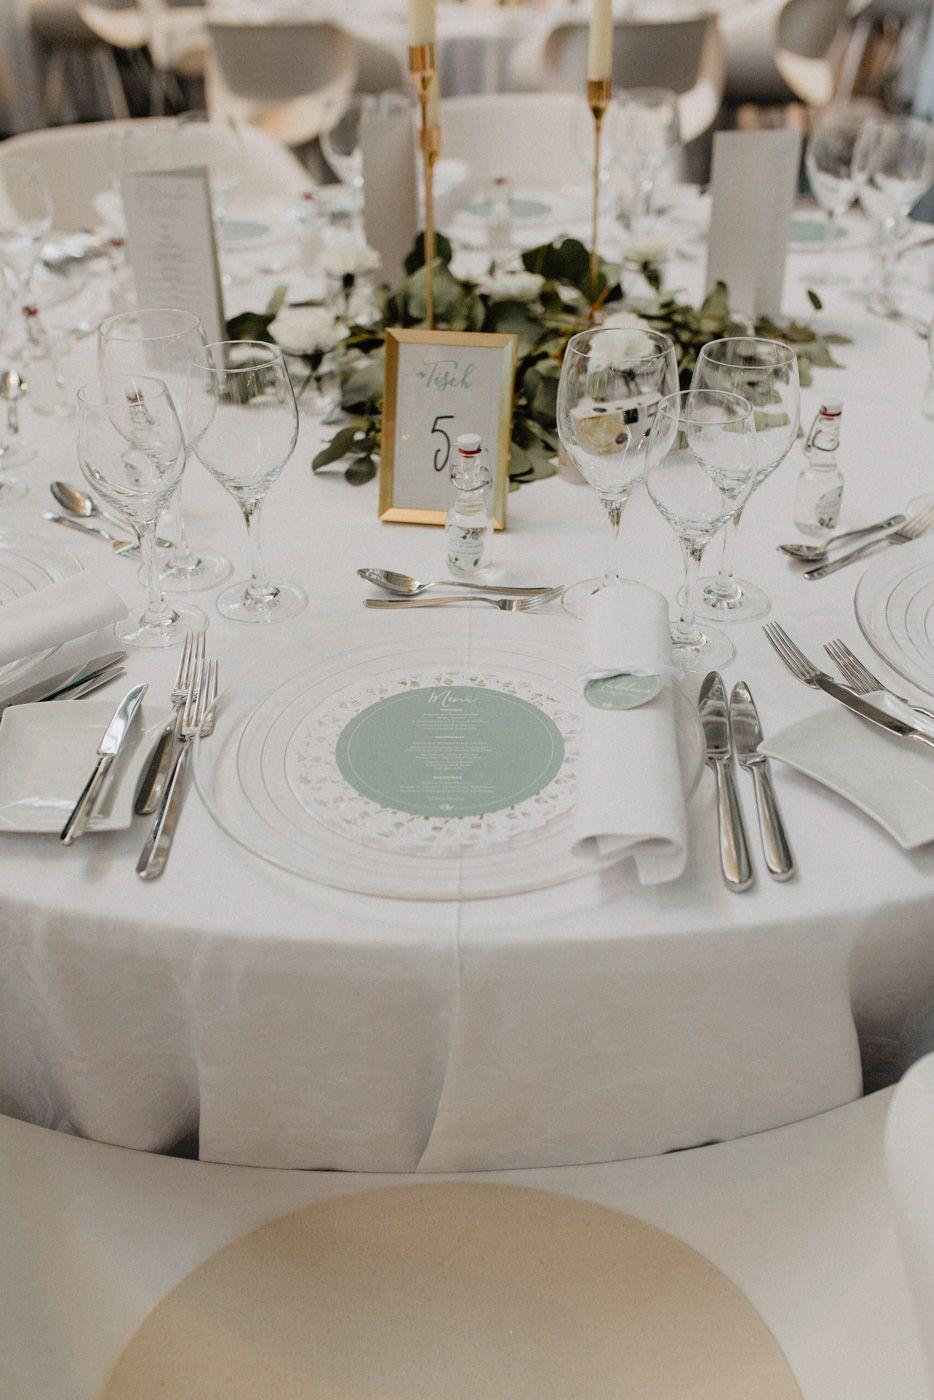 139 Ideen für eure Hochzeitsdeko - Die schönsten Inspirationen von der Trauung bis zur Tischdeko – kleiner Flieder